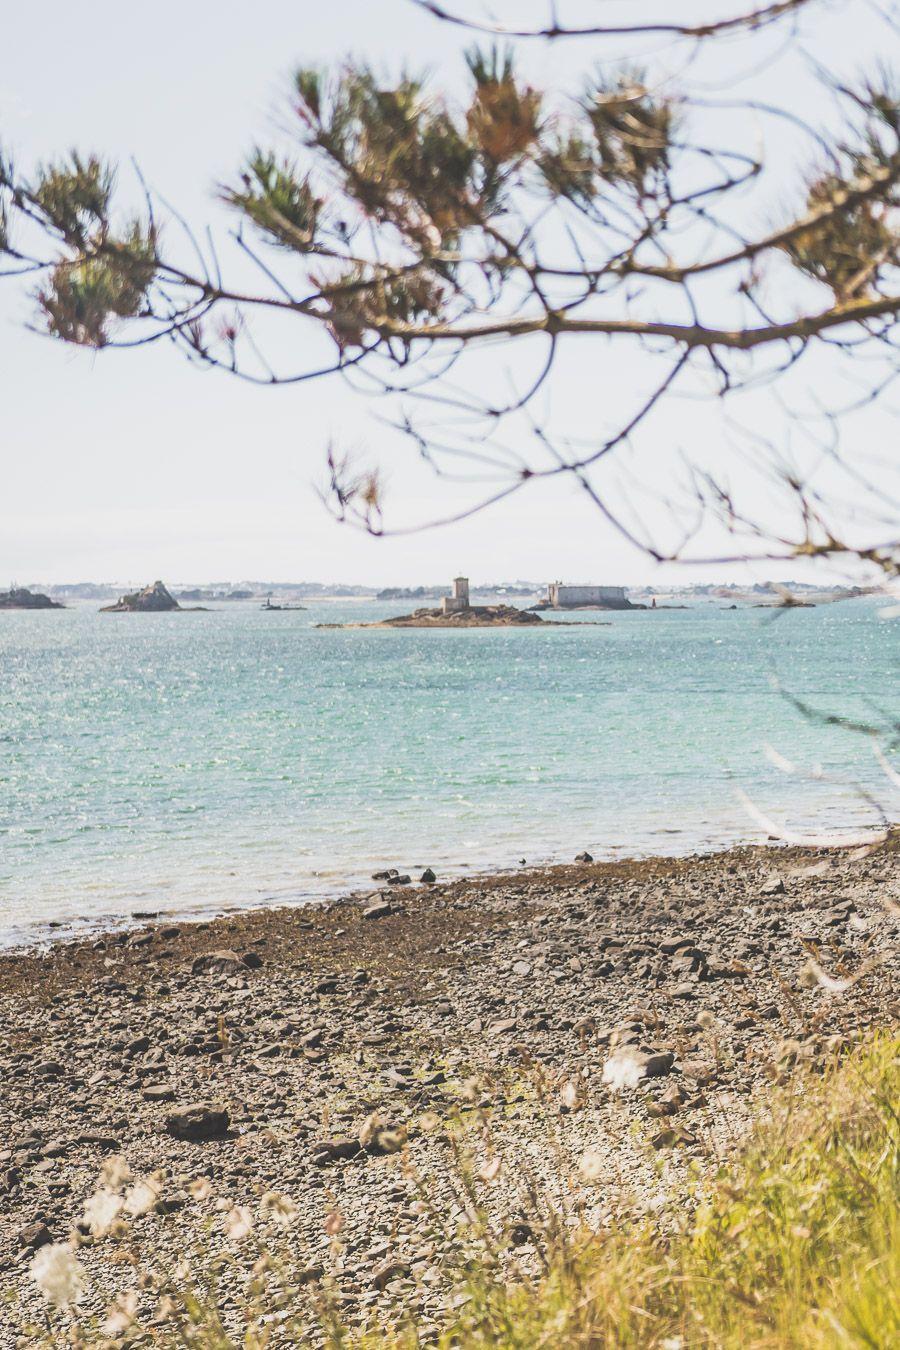 Ile noire et île blanche dans la Baie de Morlaix